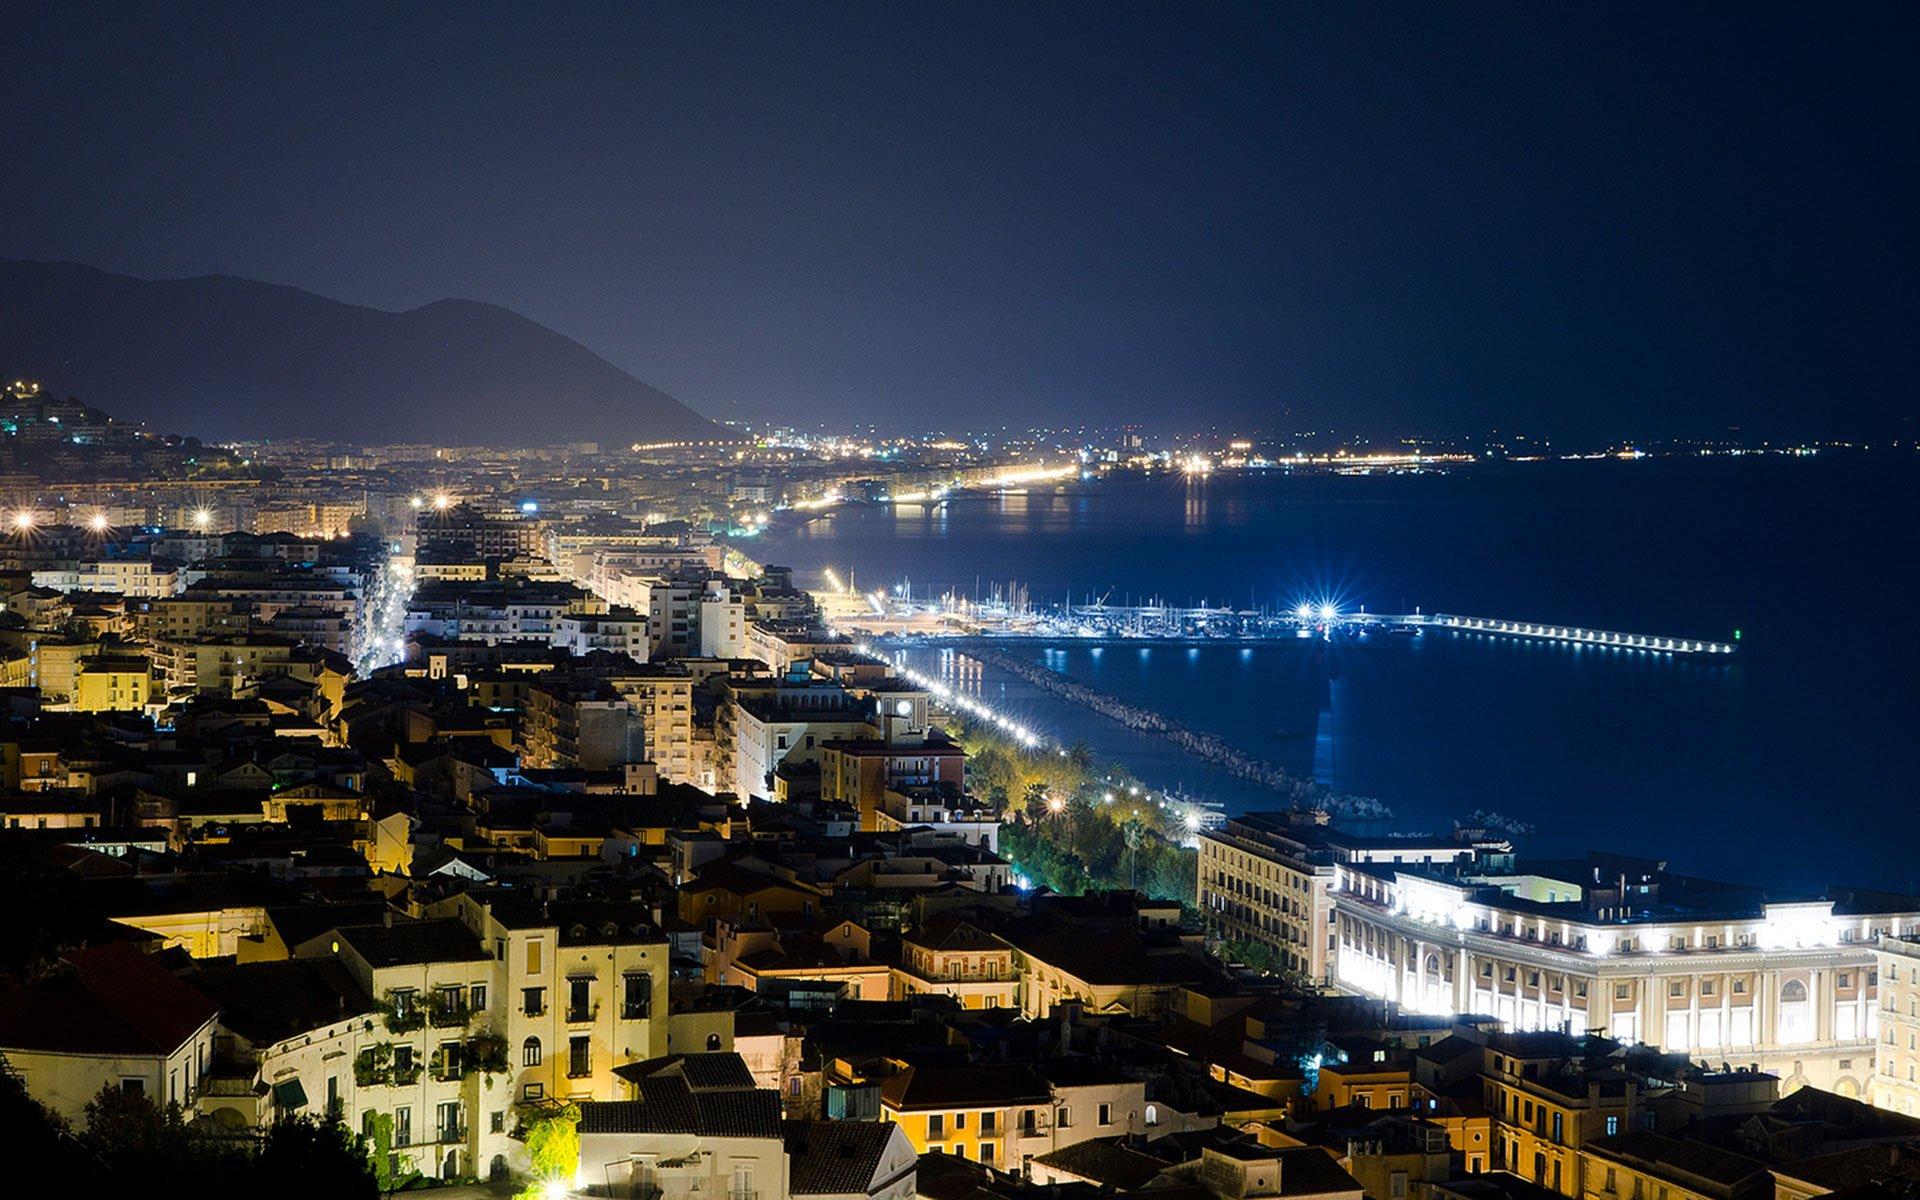 Cosa vedere a Salerno: veduta notturna della città - Foto iviaggidimarvin.it